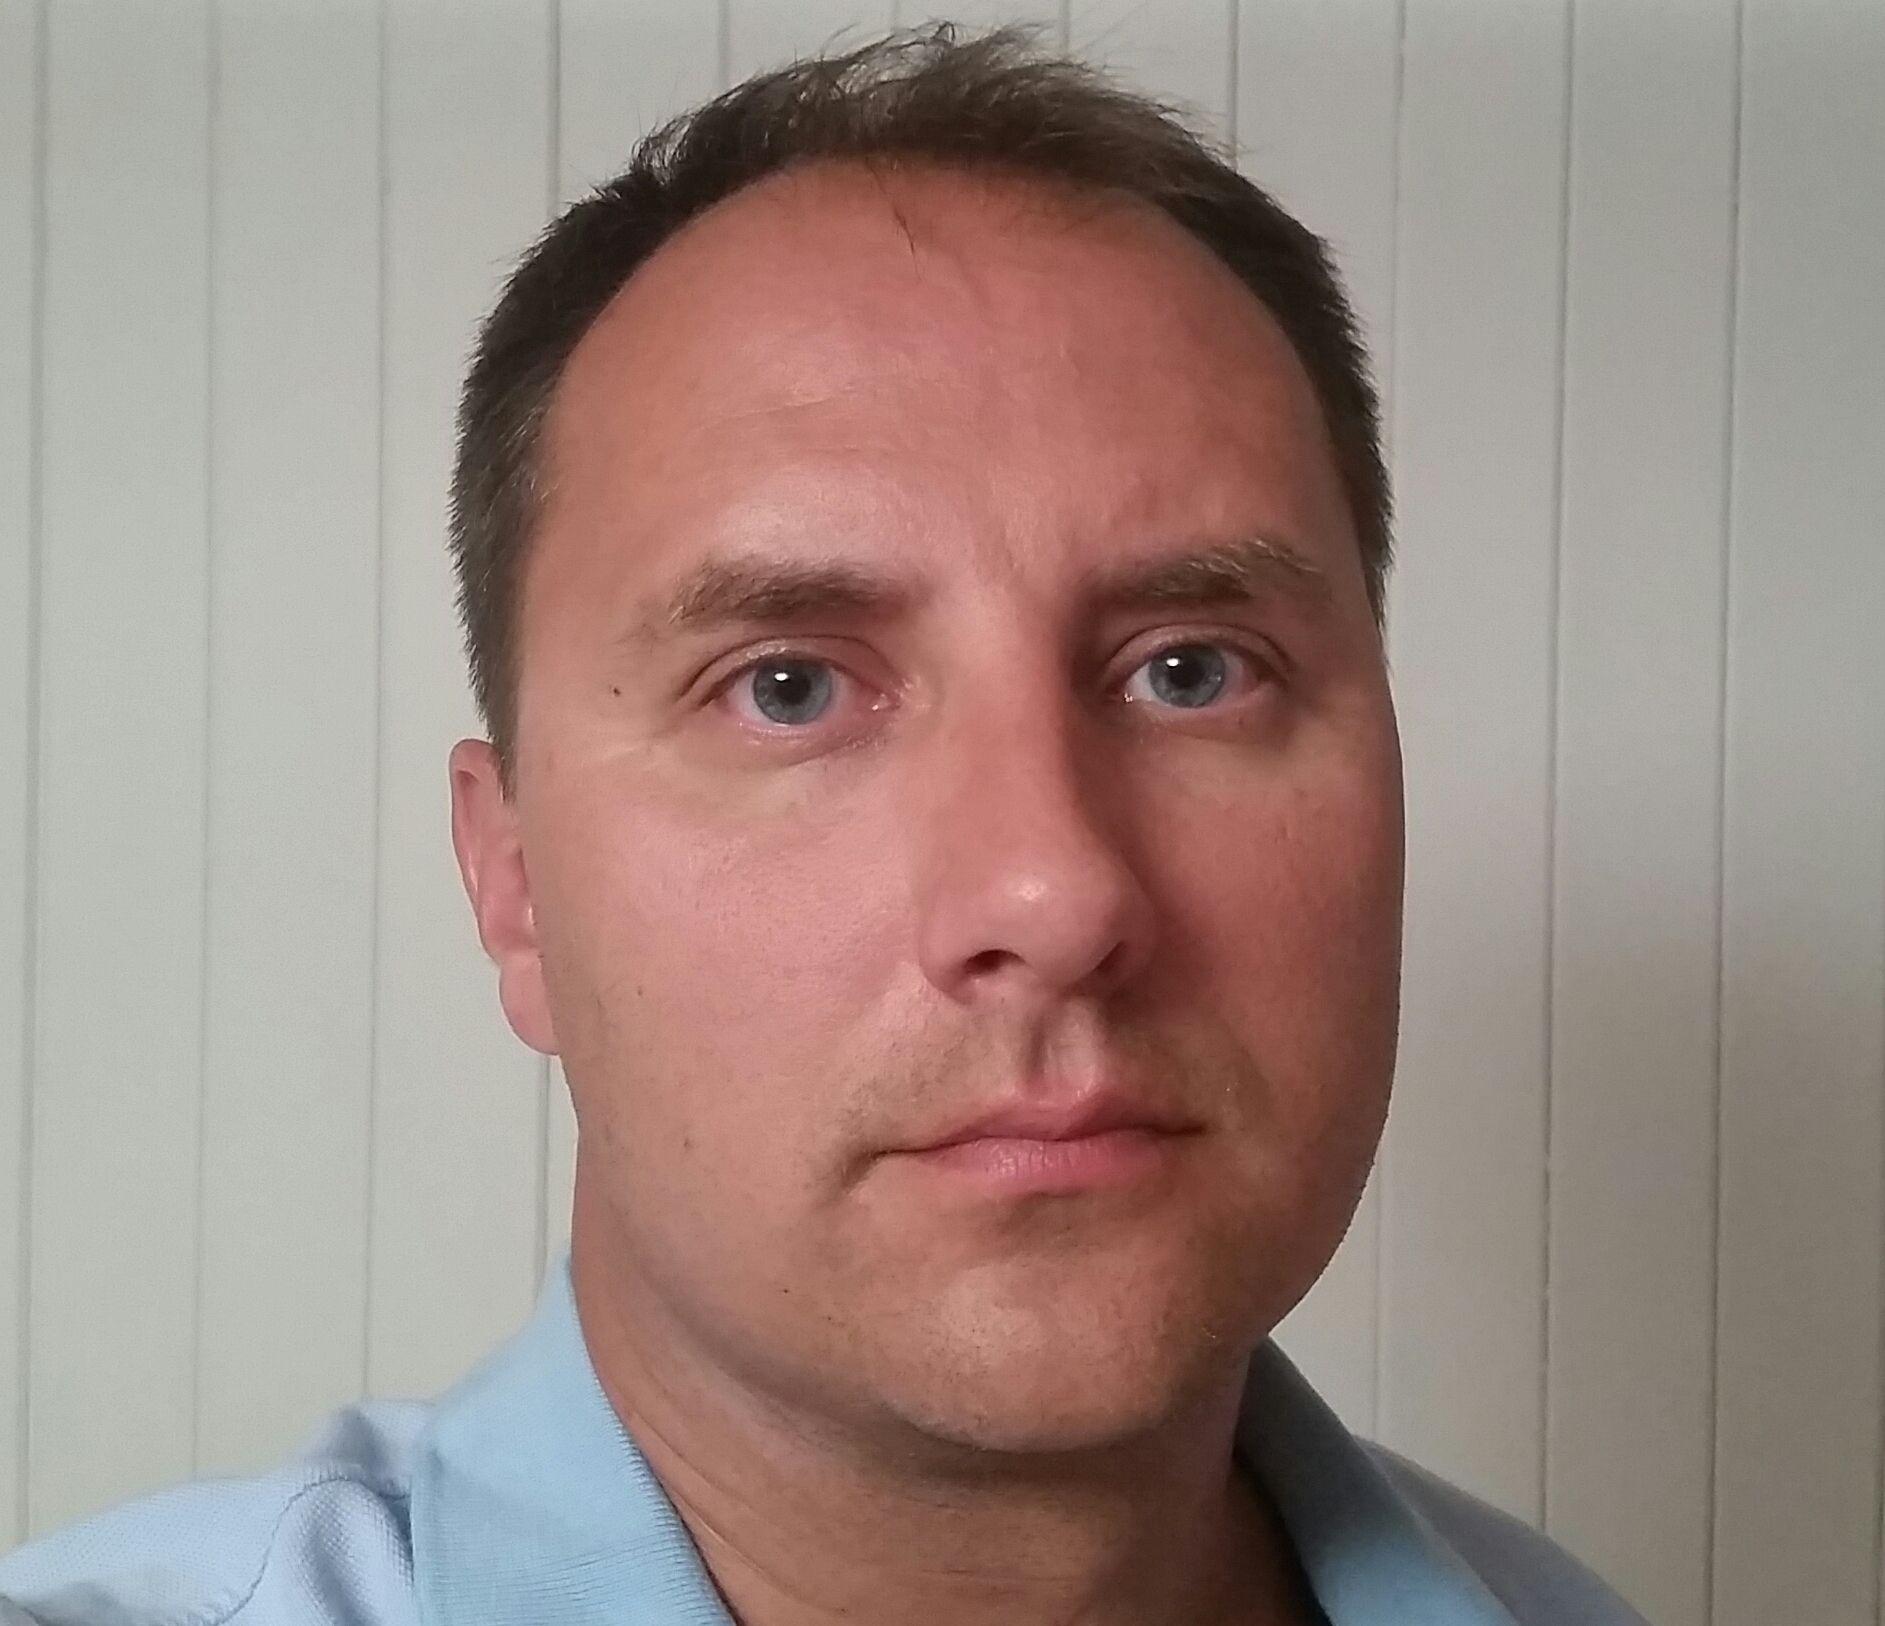 Sten Magne Berglund